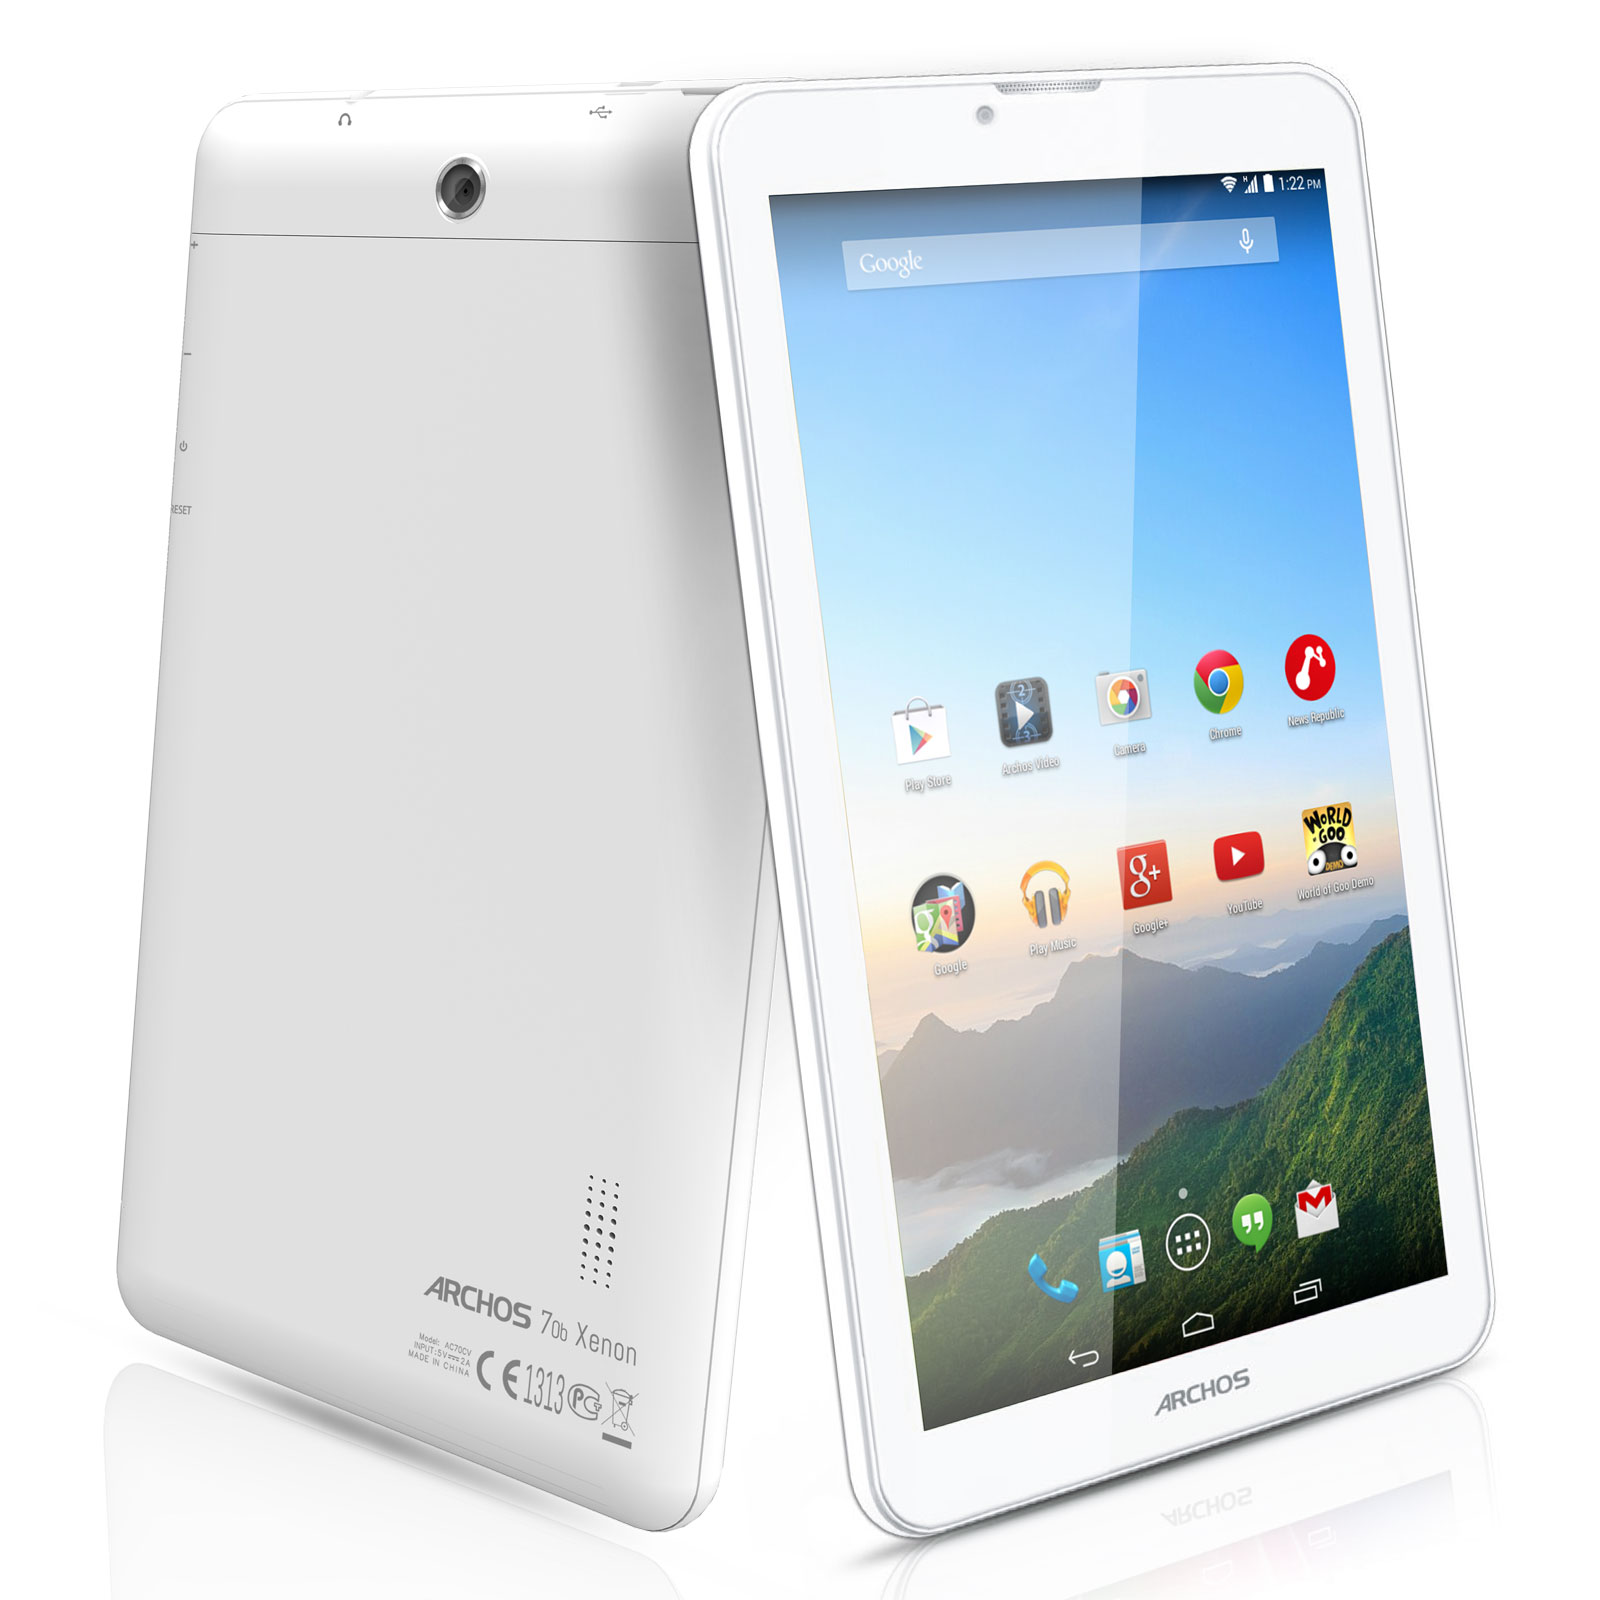 Archos 70b Xenon Tablette Tactile Archos Sur Ldlc Com